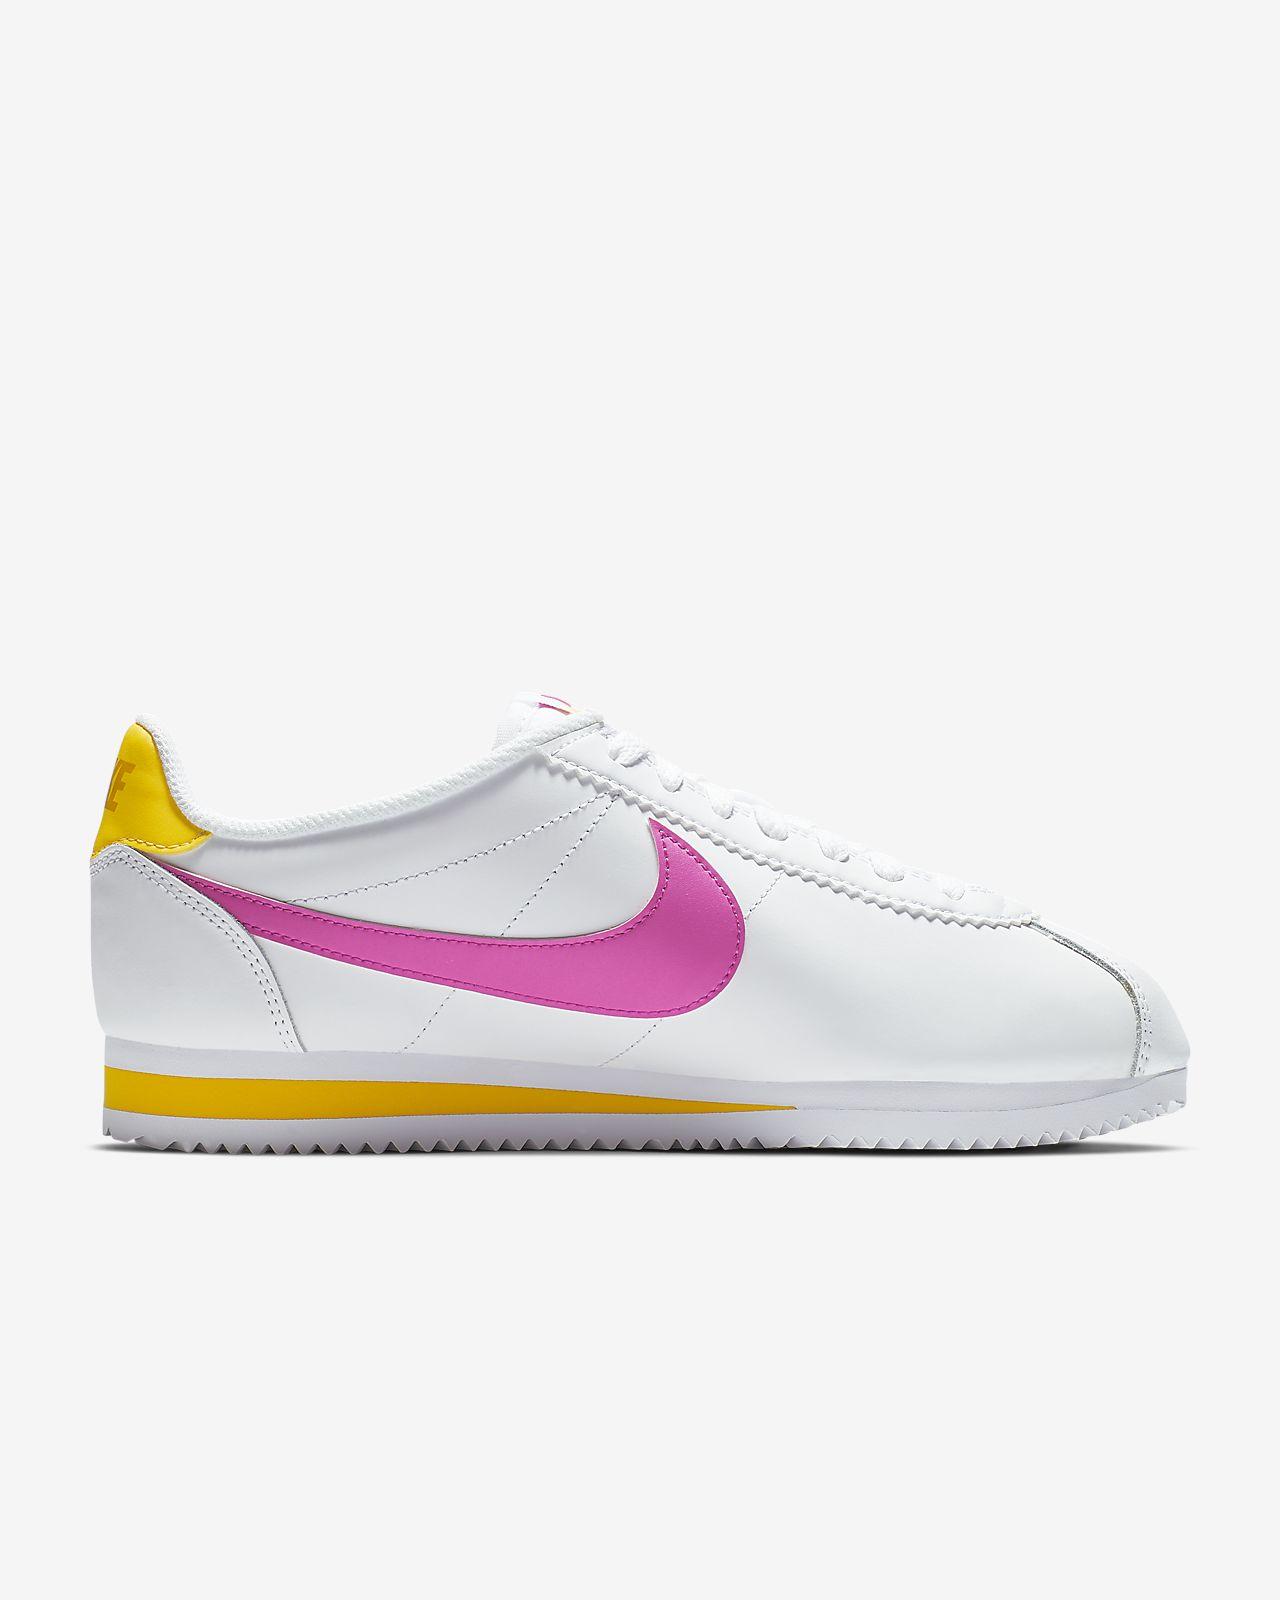 new concept d1db2 2d97c ... Nike Classic Cortez Women s Shoe